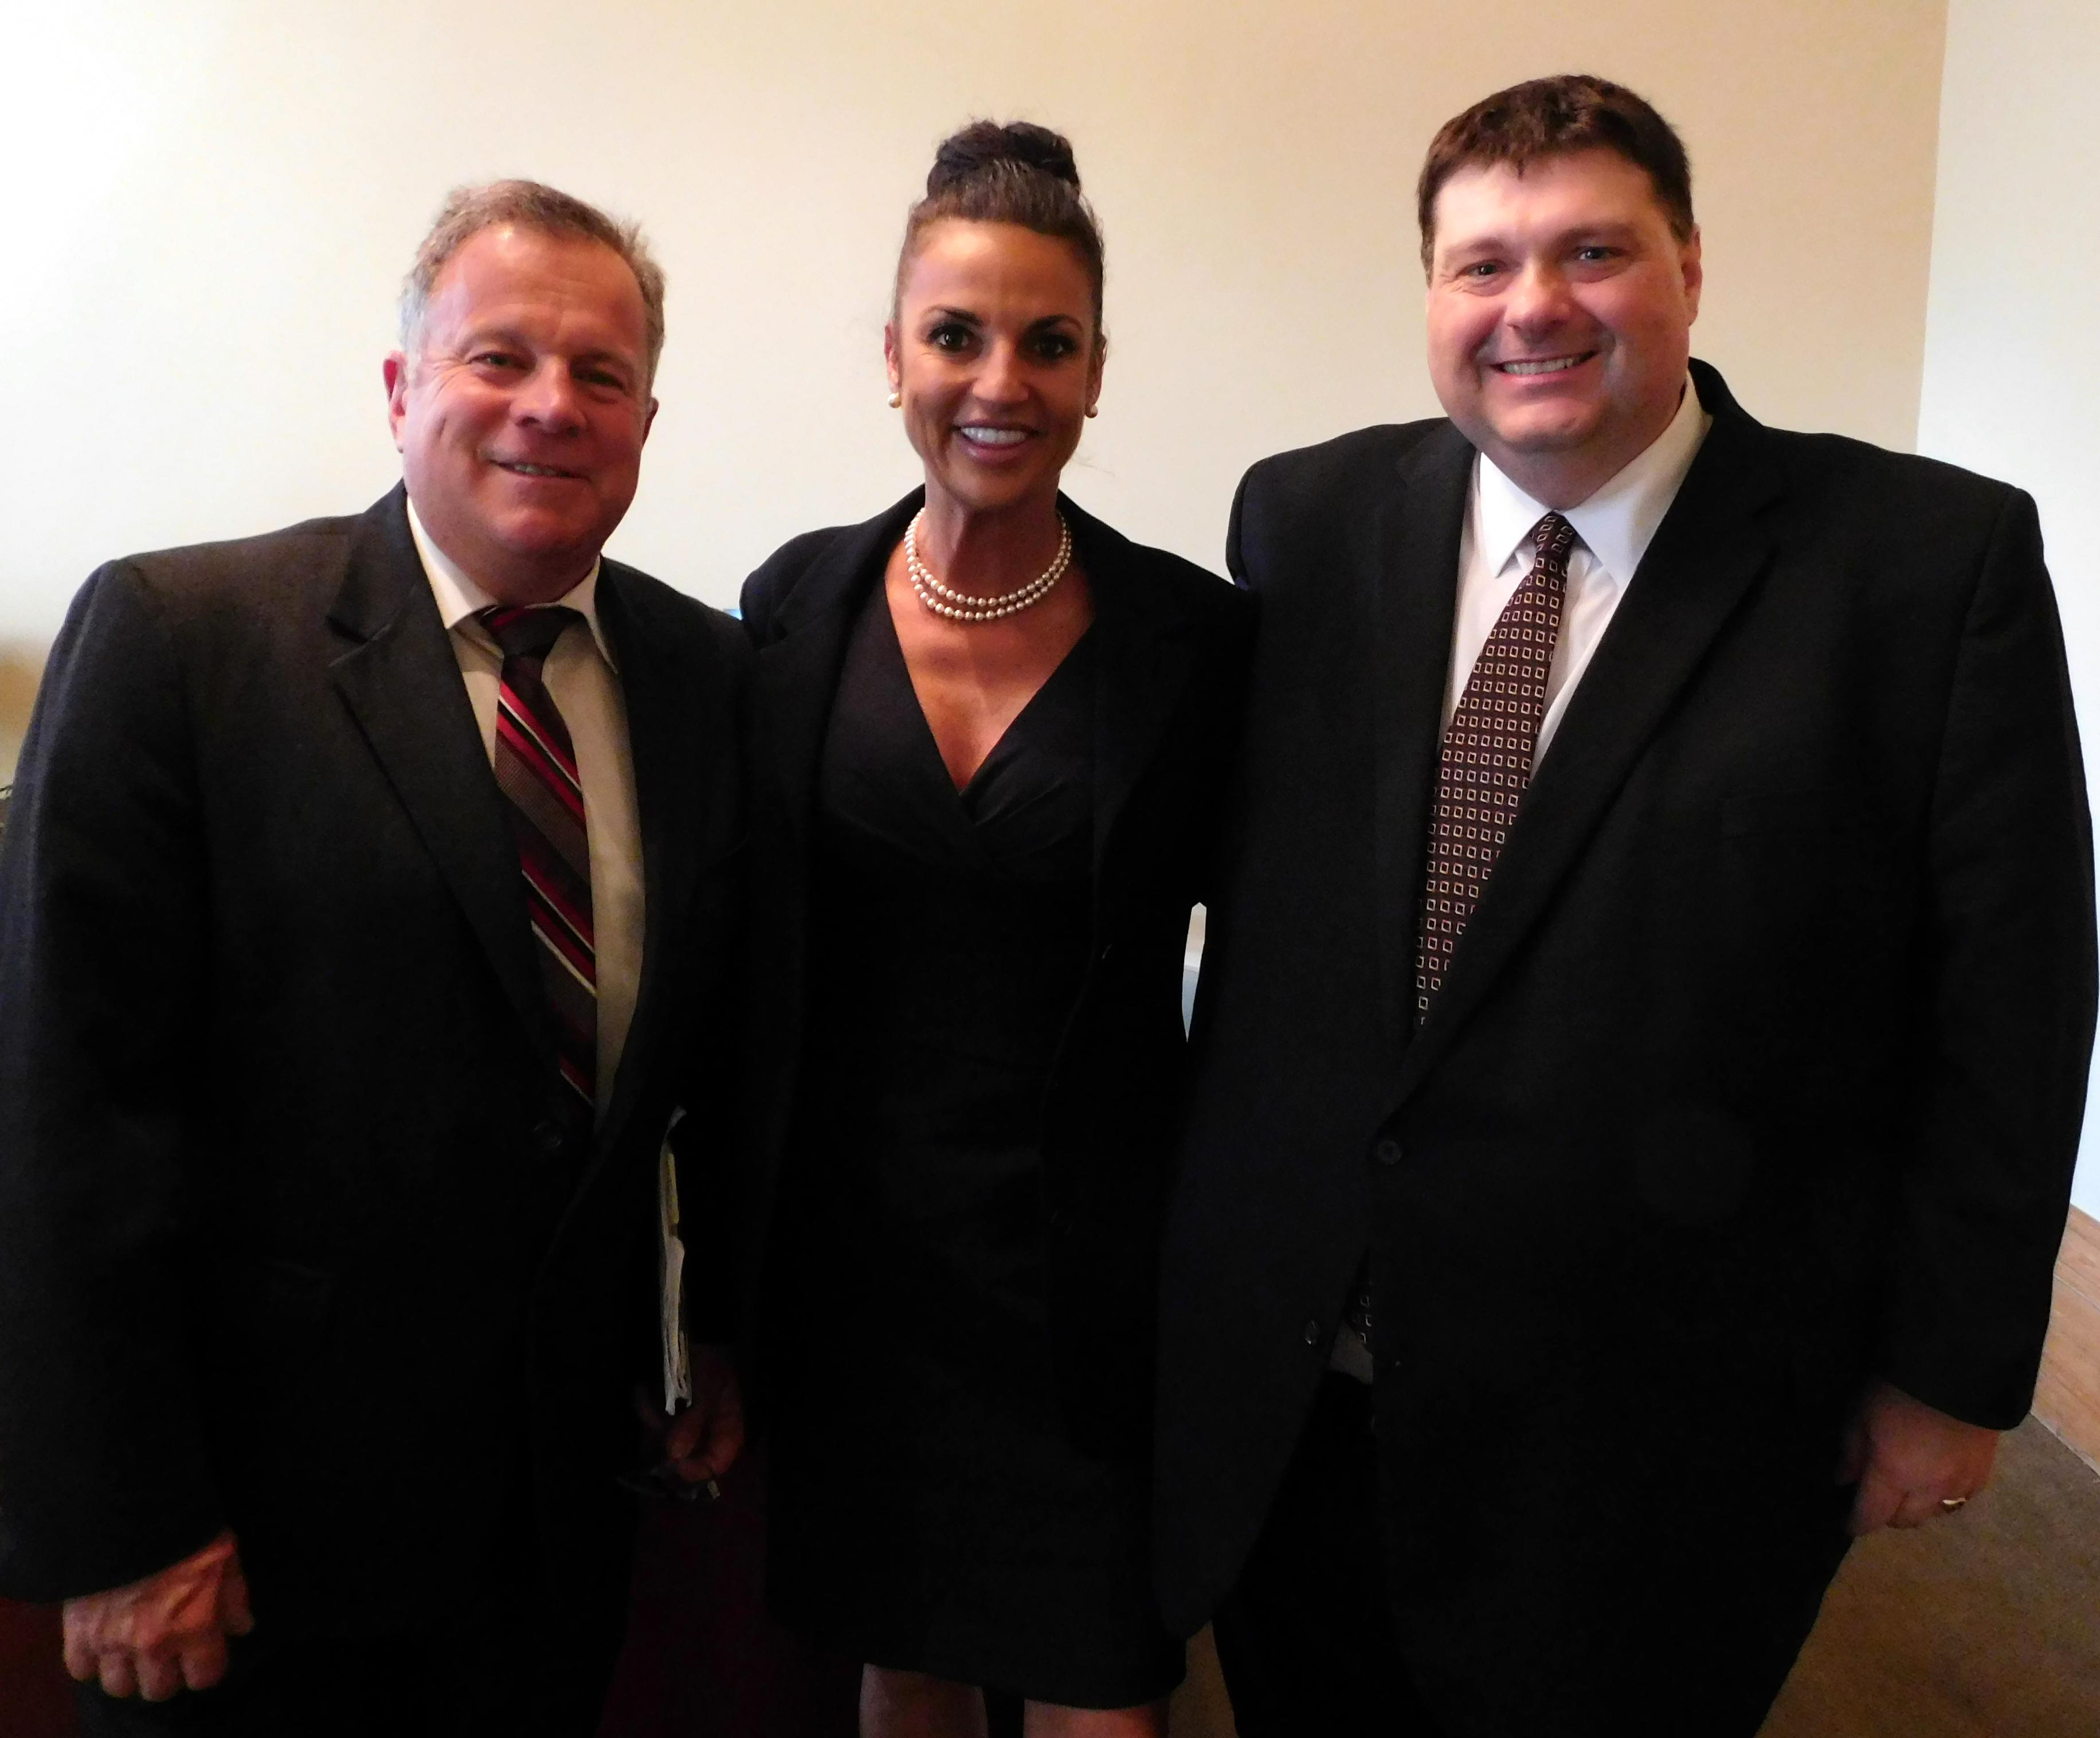 Legislators congratulate New Brunswicker for strong showing in MasterChef Canada competition